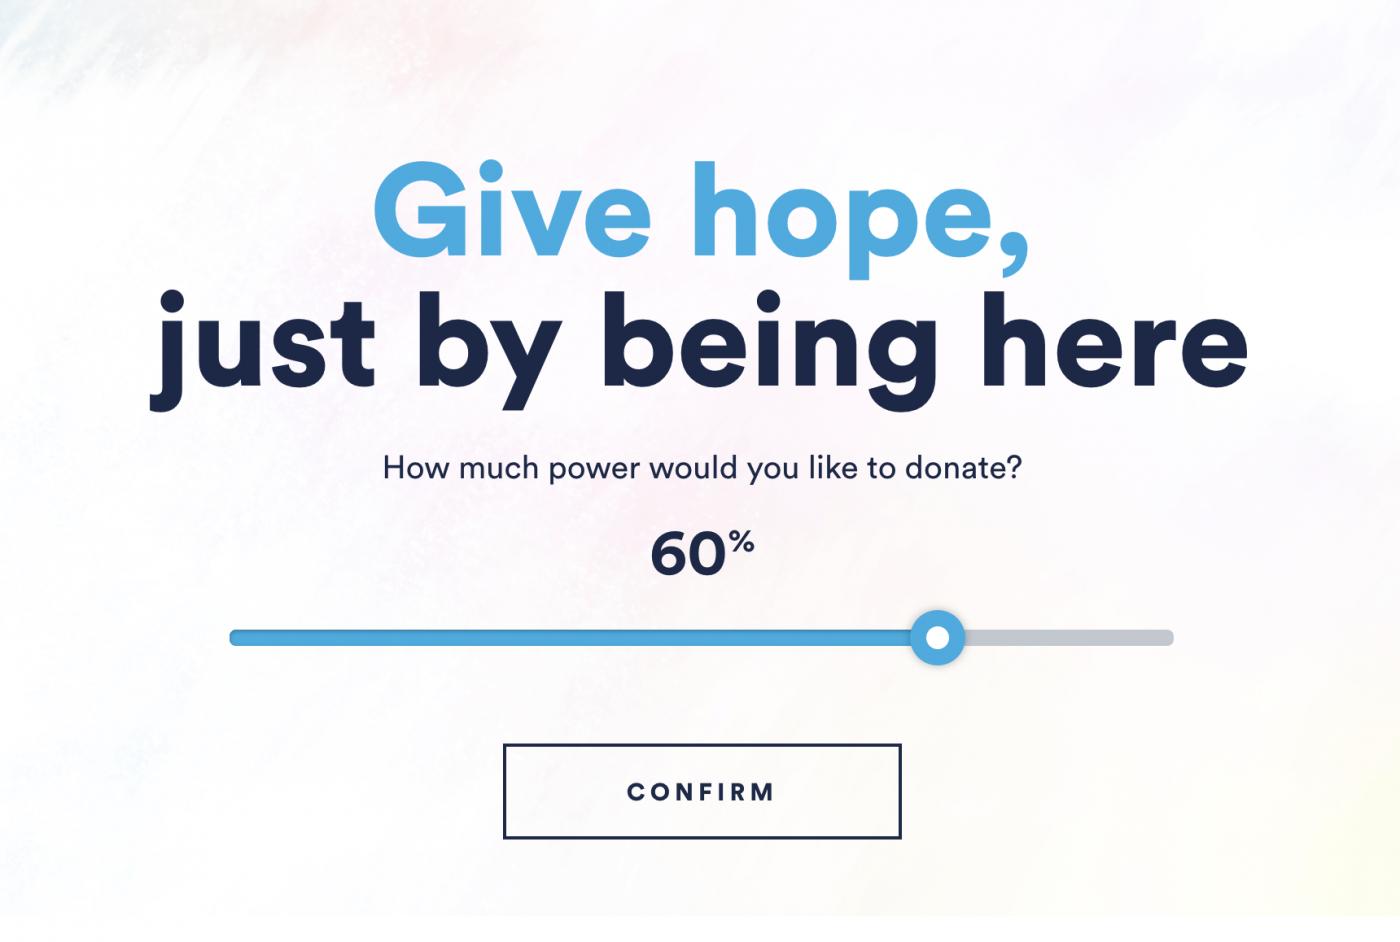 網頁開著就能捐款,聯合國兒童基金會號召「挖礦」助弱勢童